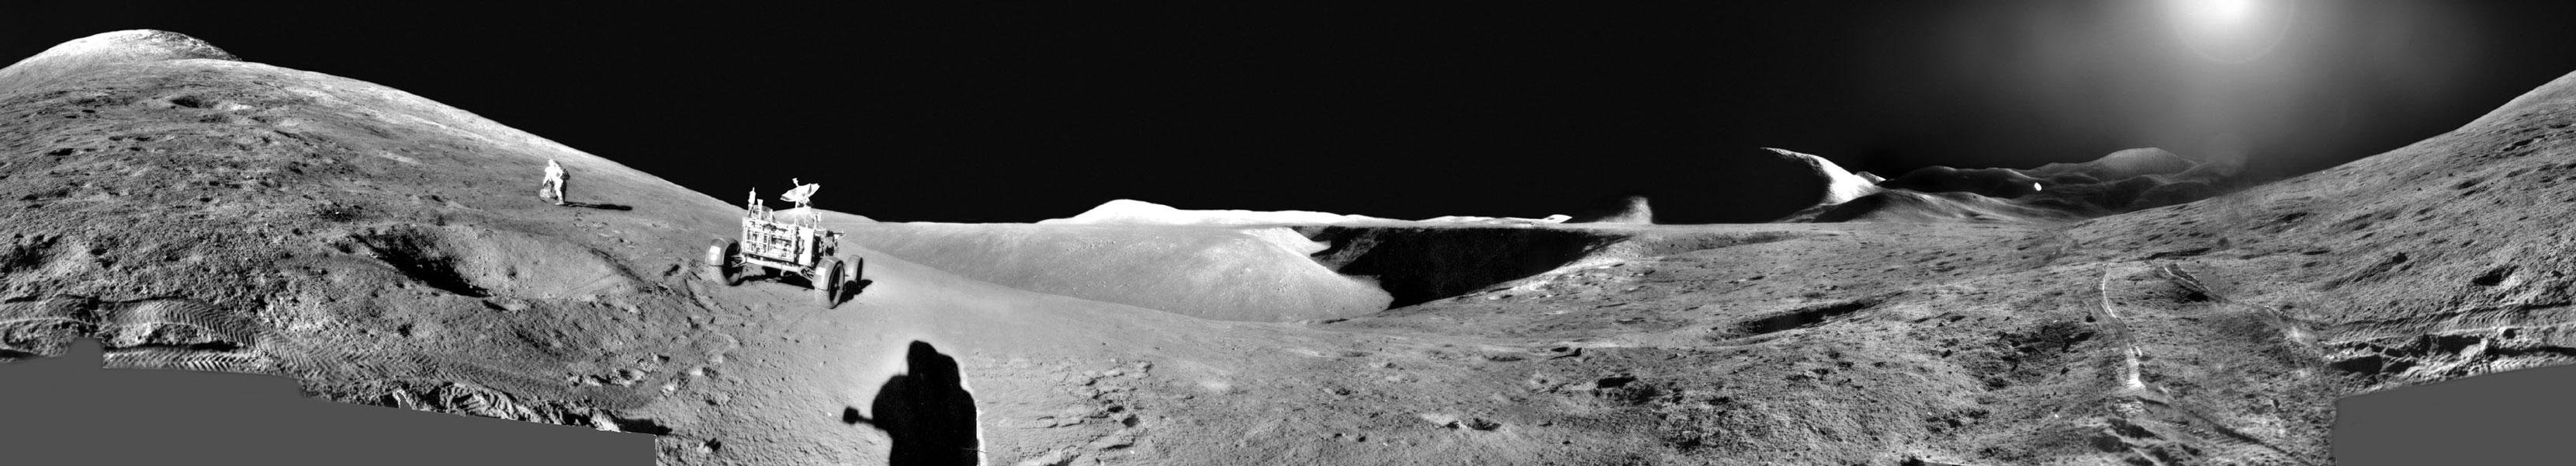 Una panorámica del Apollo 15: los astronautas explorando